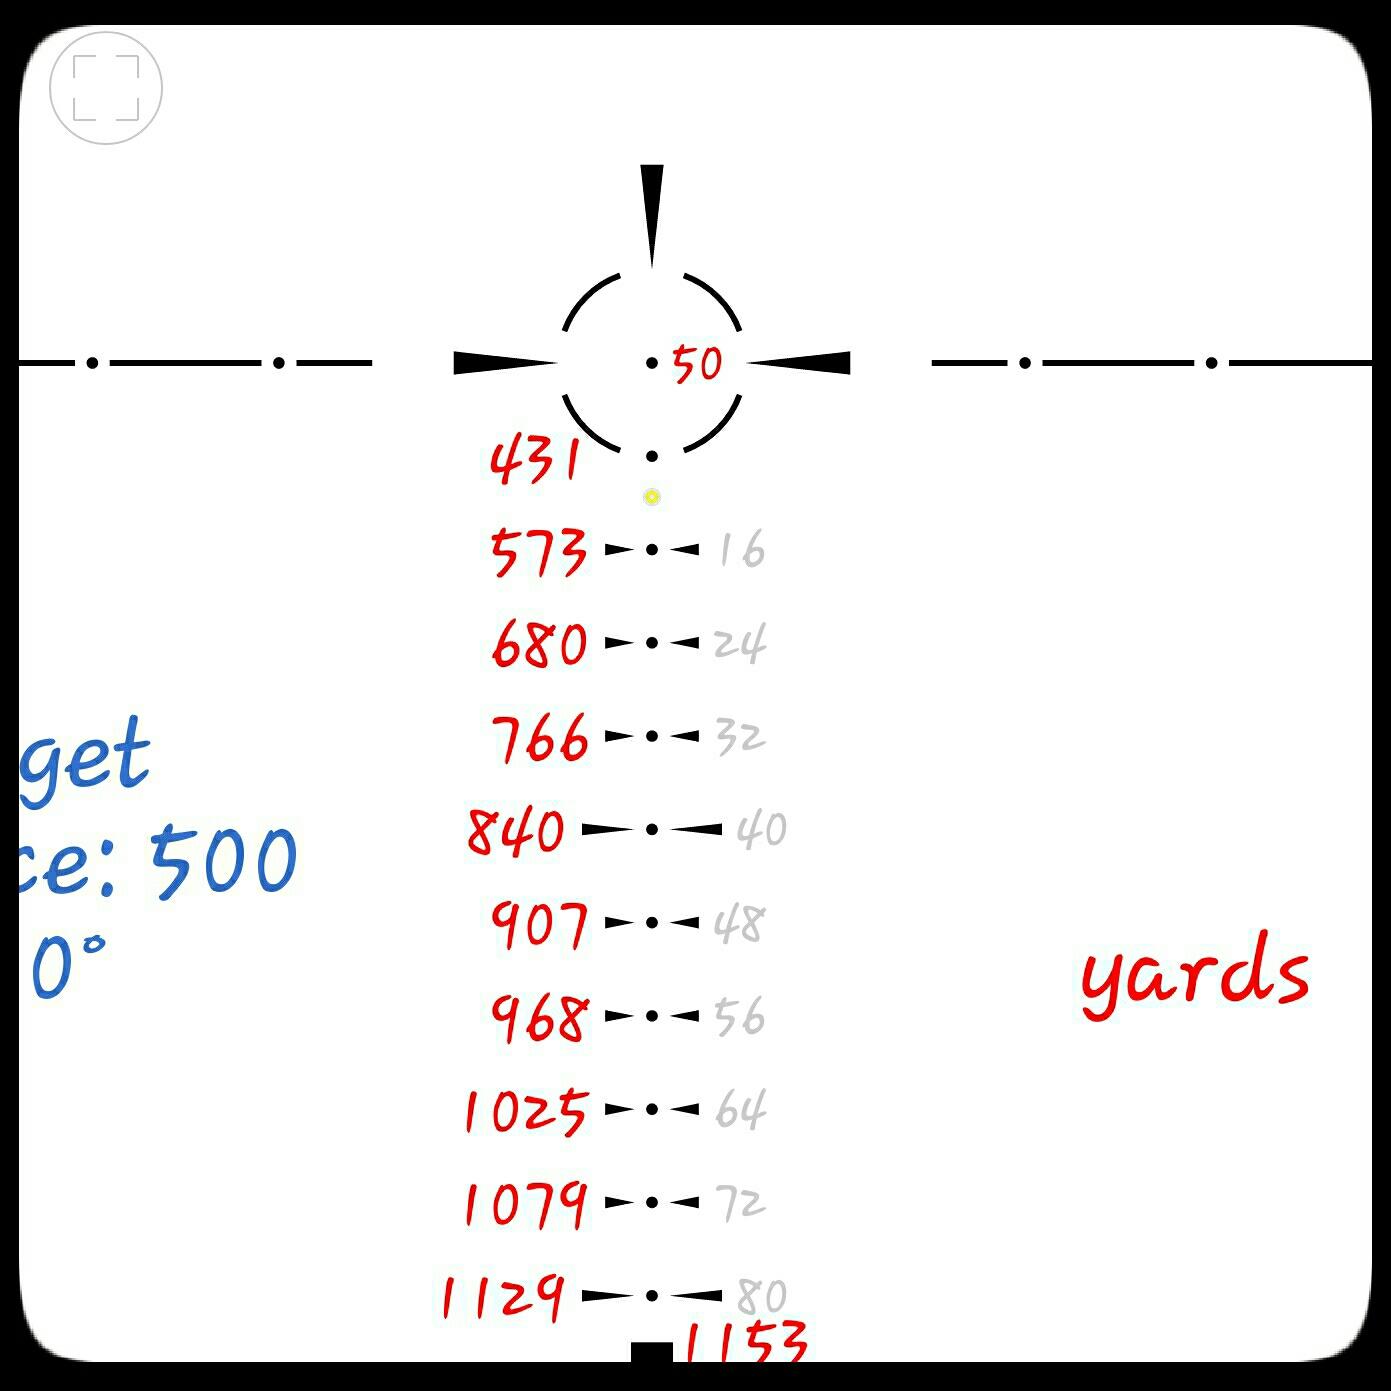 Standard 5.56 55gr. 50yd zero at 6x